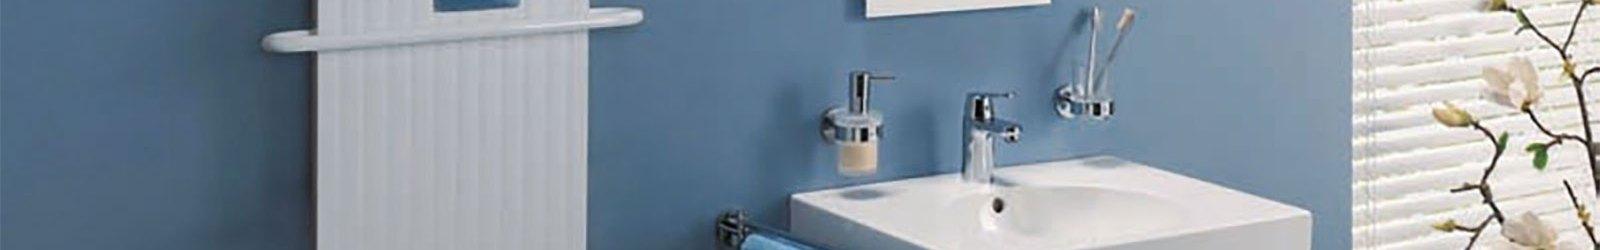 Domotizzare un termoventilatore da bagno con Apple HomeKit e Broadlink (via Homebridge)